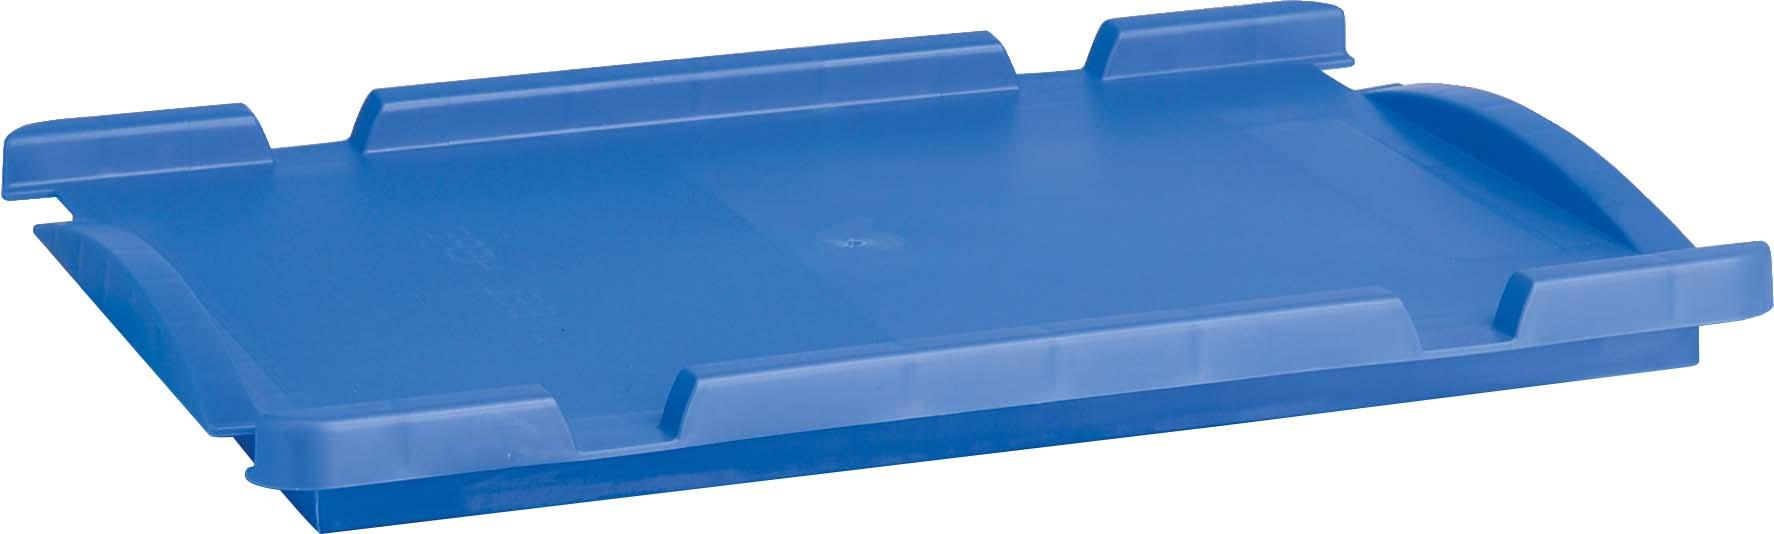 Auflagedeckel / AD32XL   300x200 blau